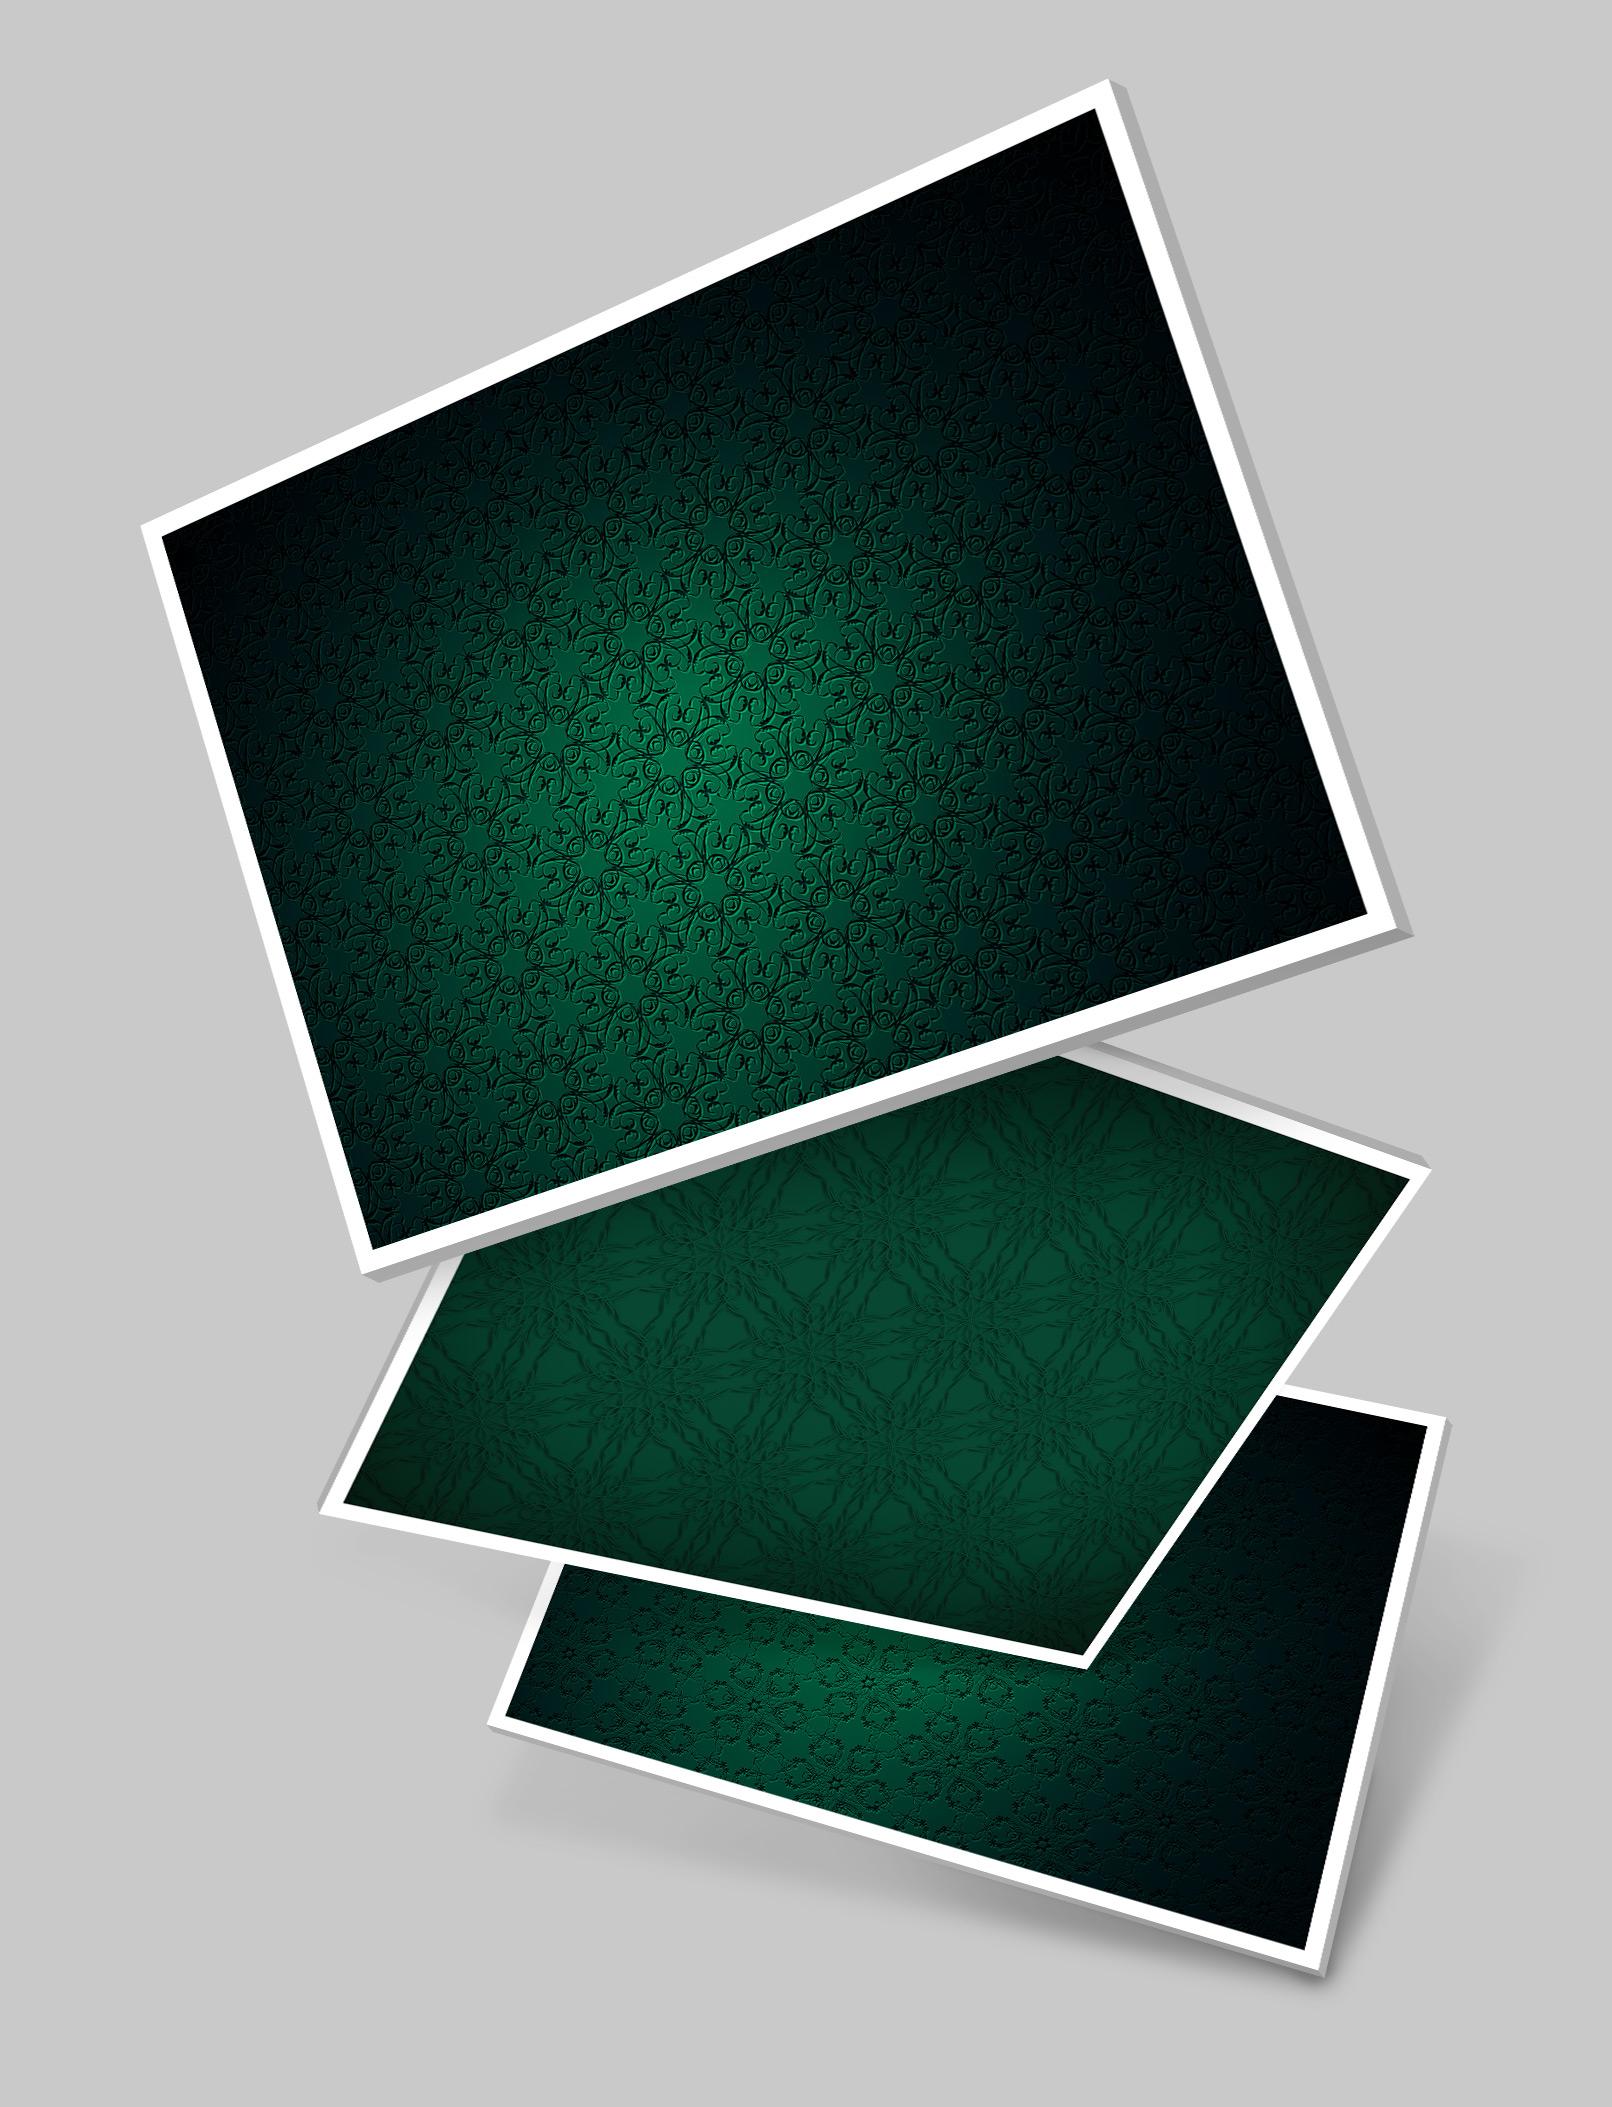 Drei Varianten mit Hintergrundbildern in Grün und mit Ornamenten